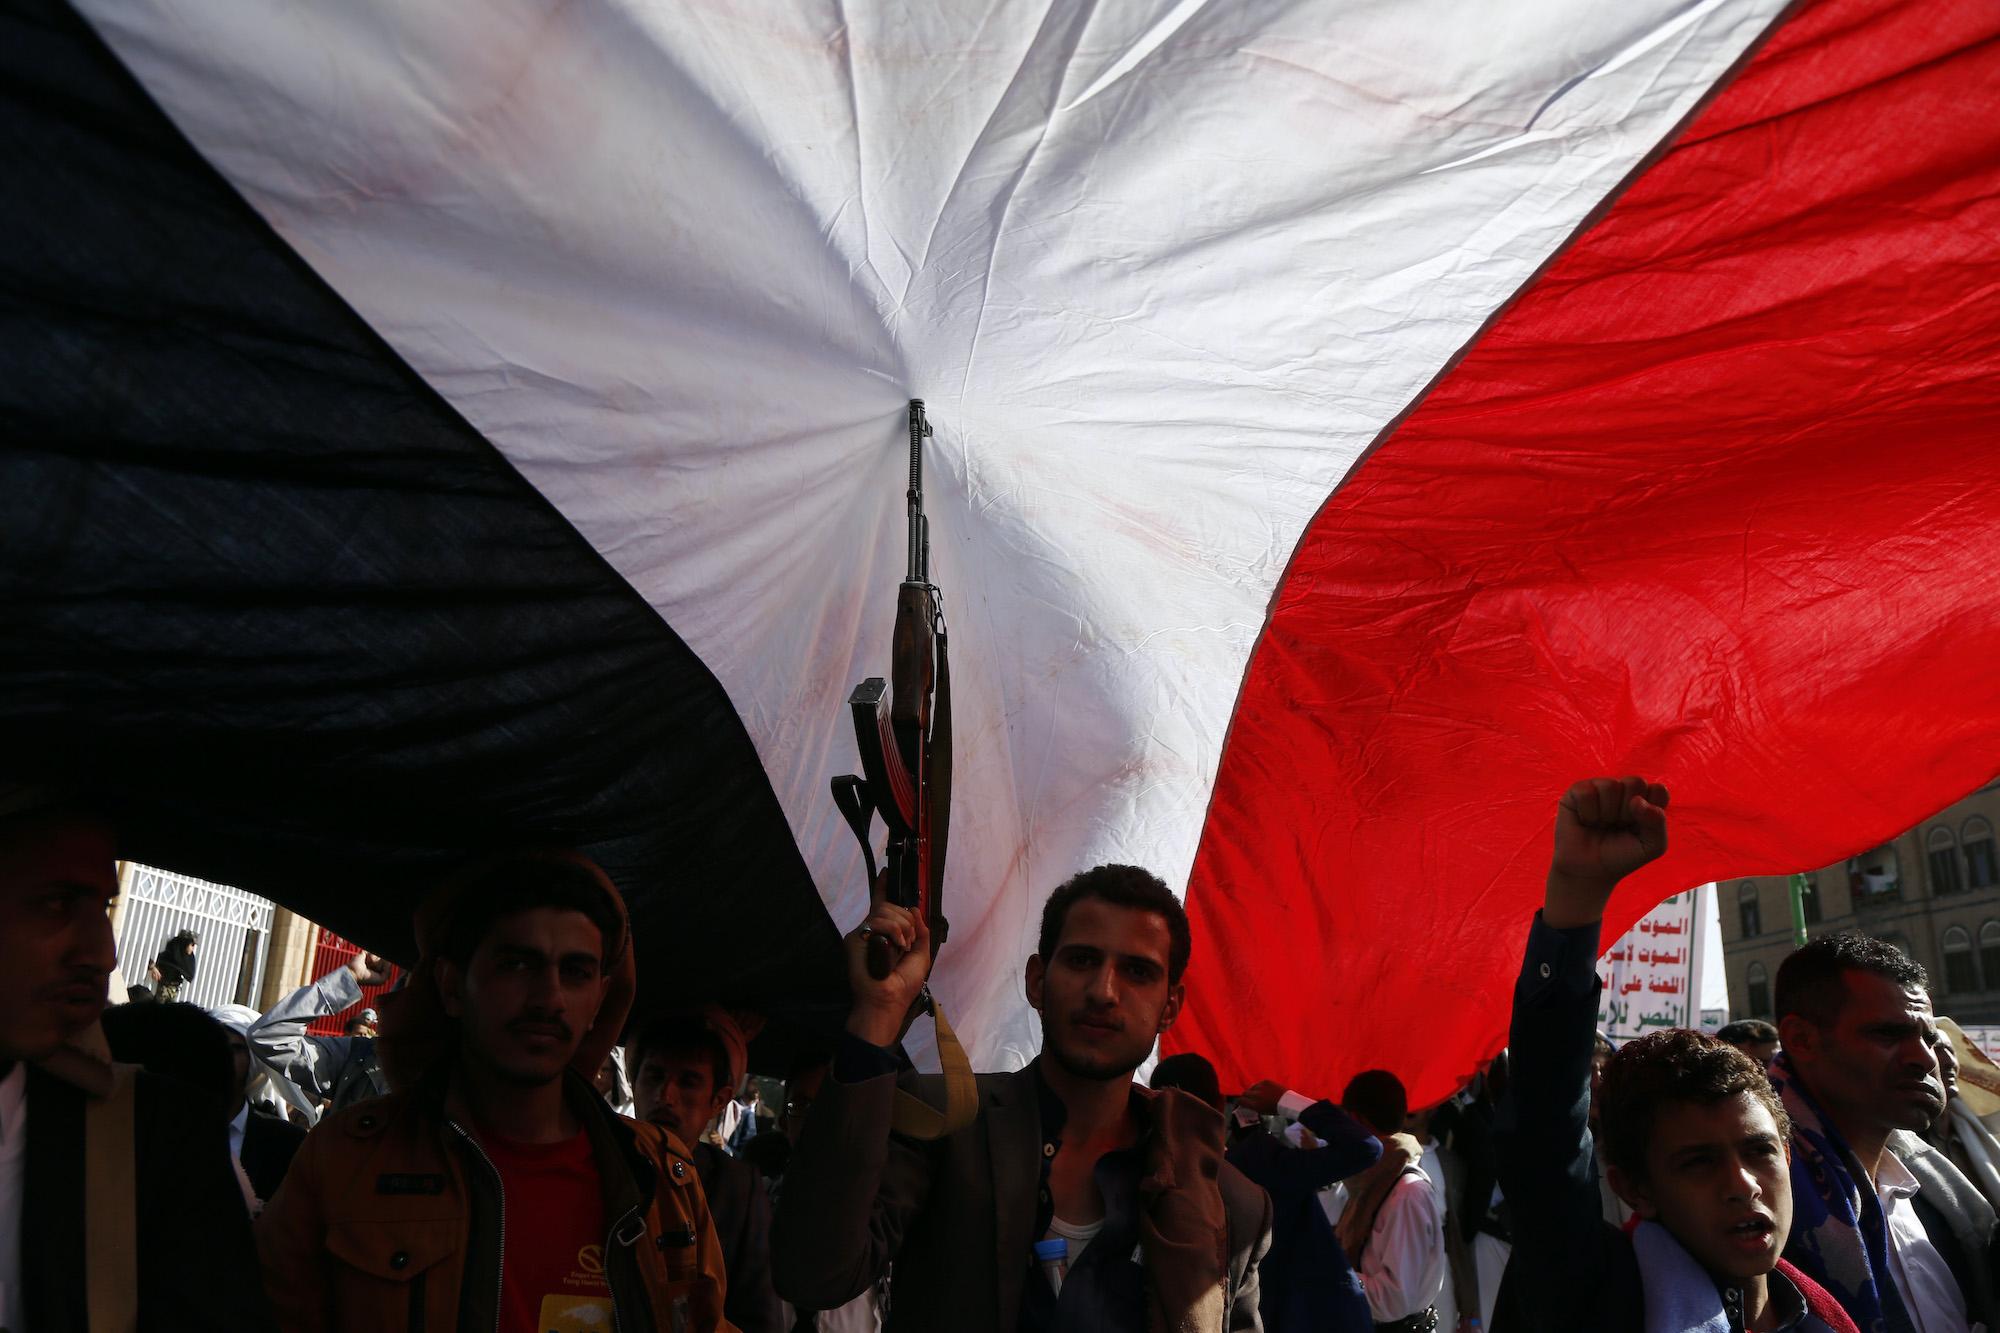 إسرائيل اليمن